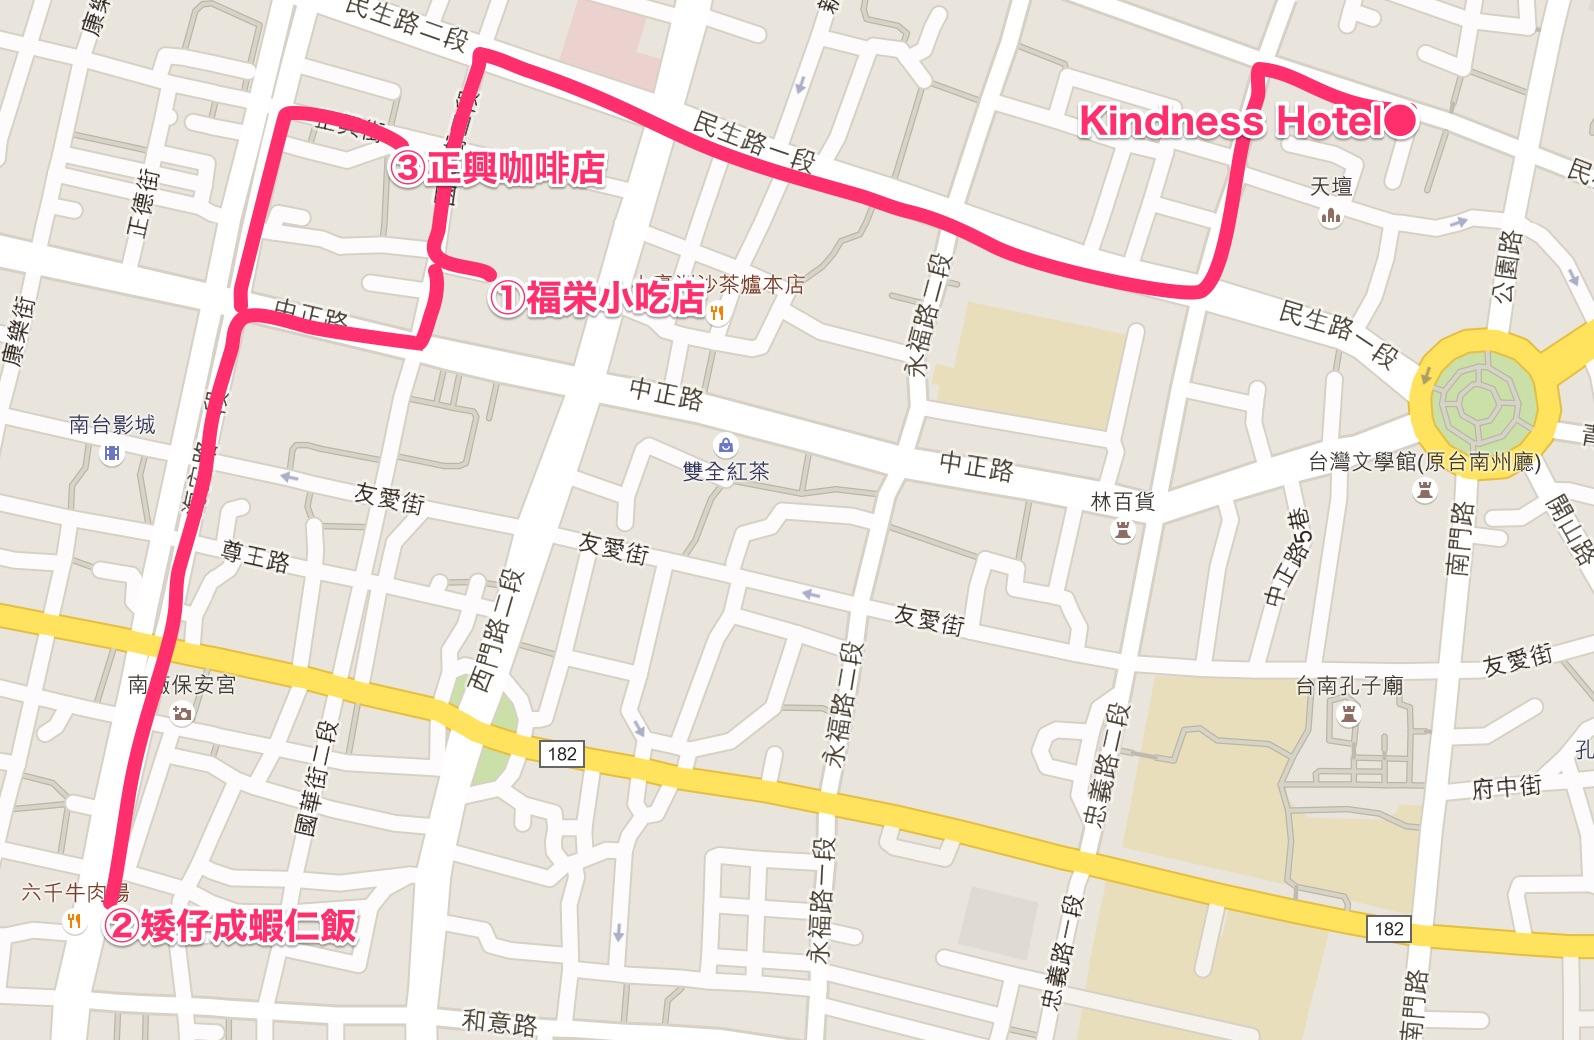 台湾マップ(矮仔成蝦仁飯・正興咖啡店)